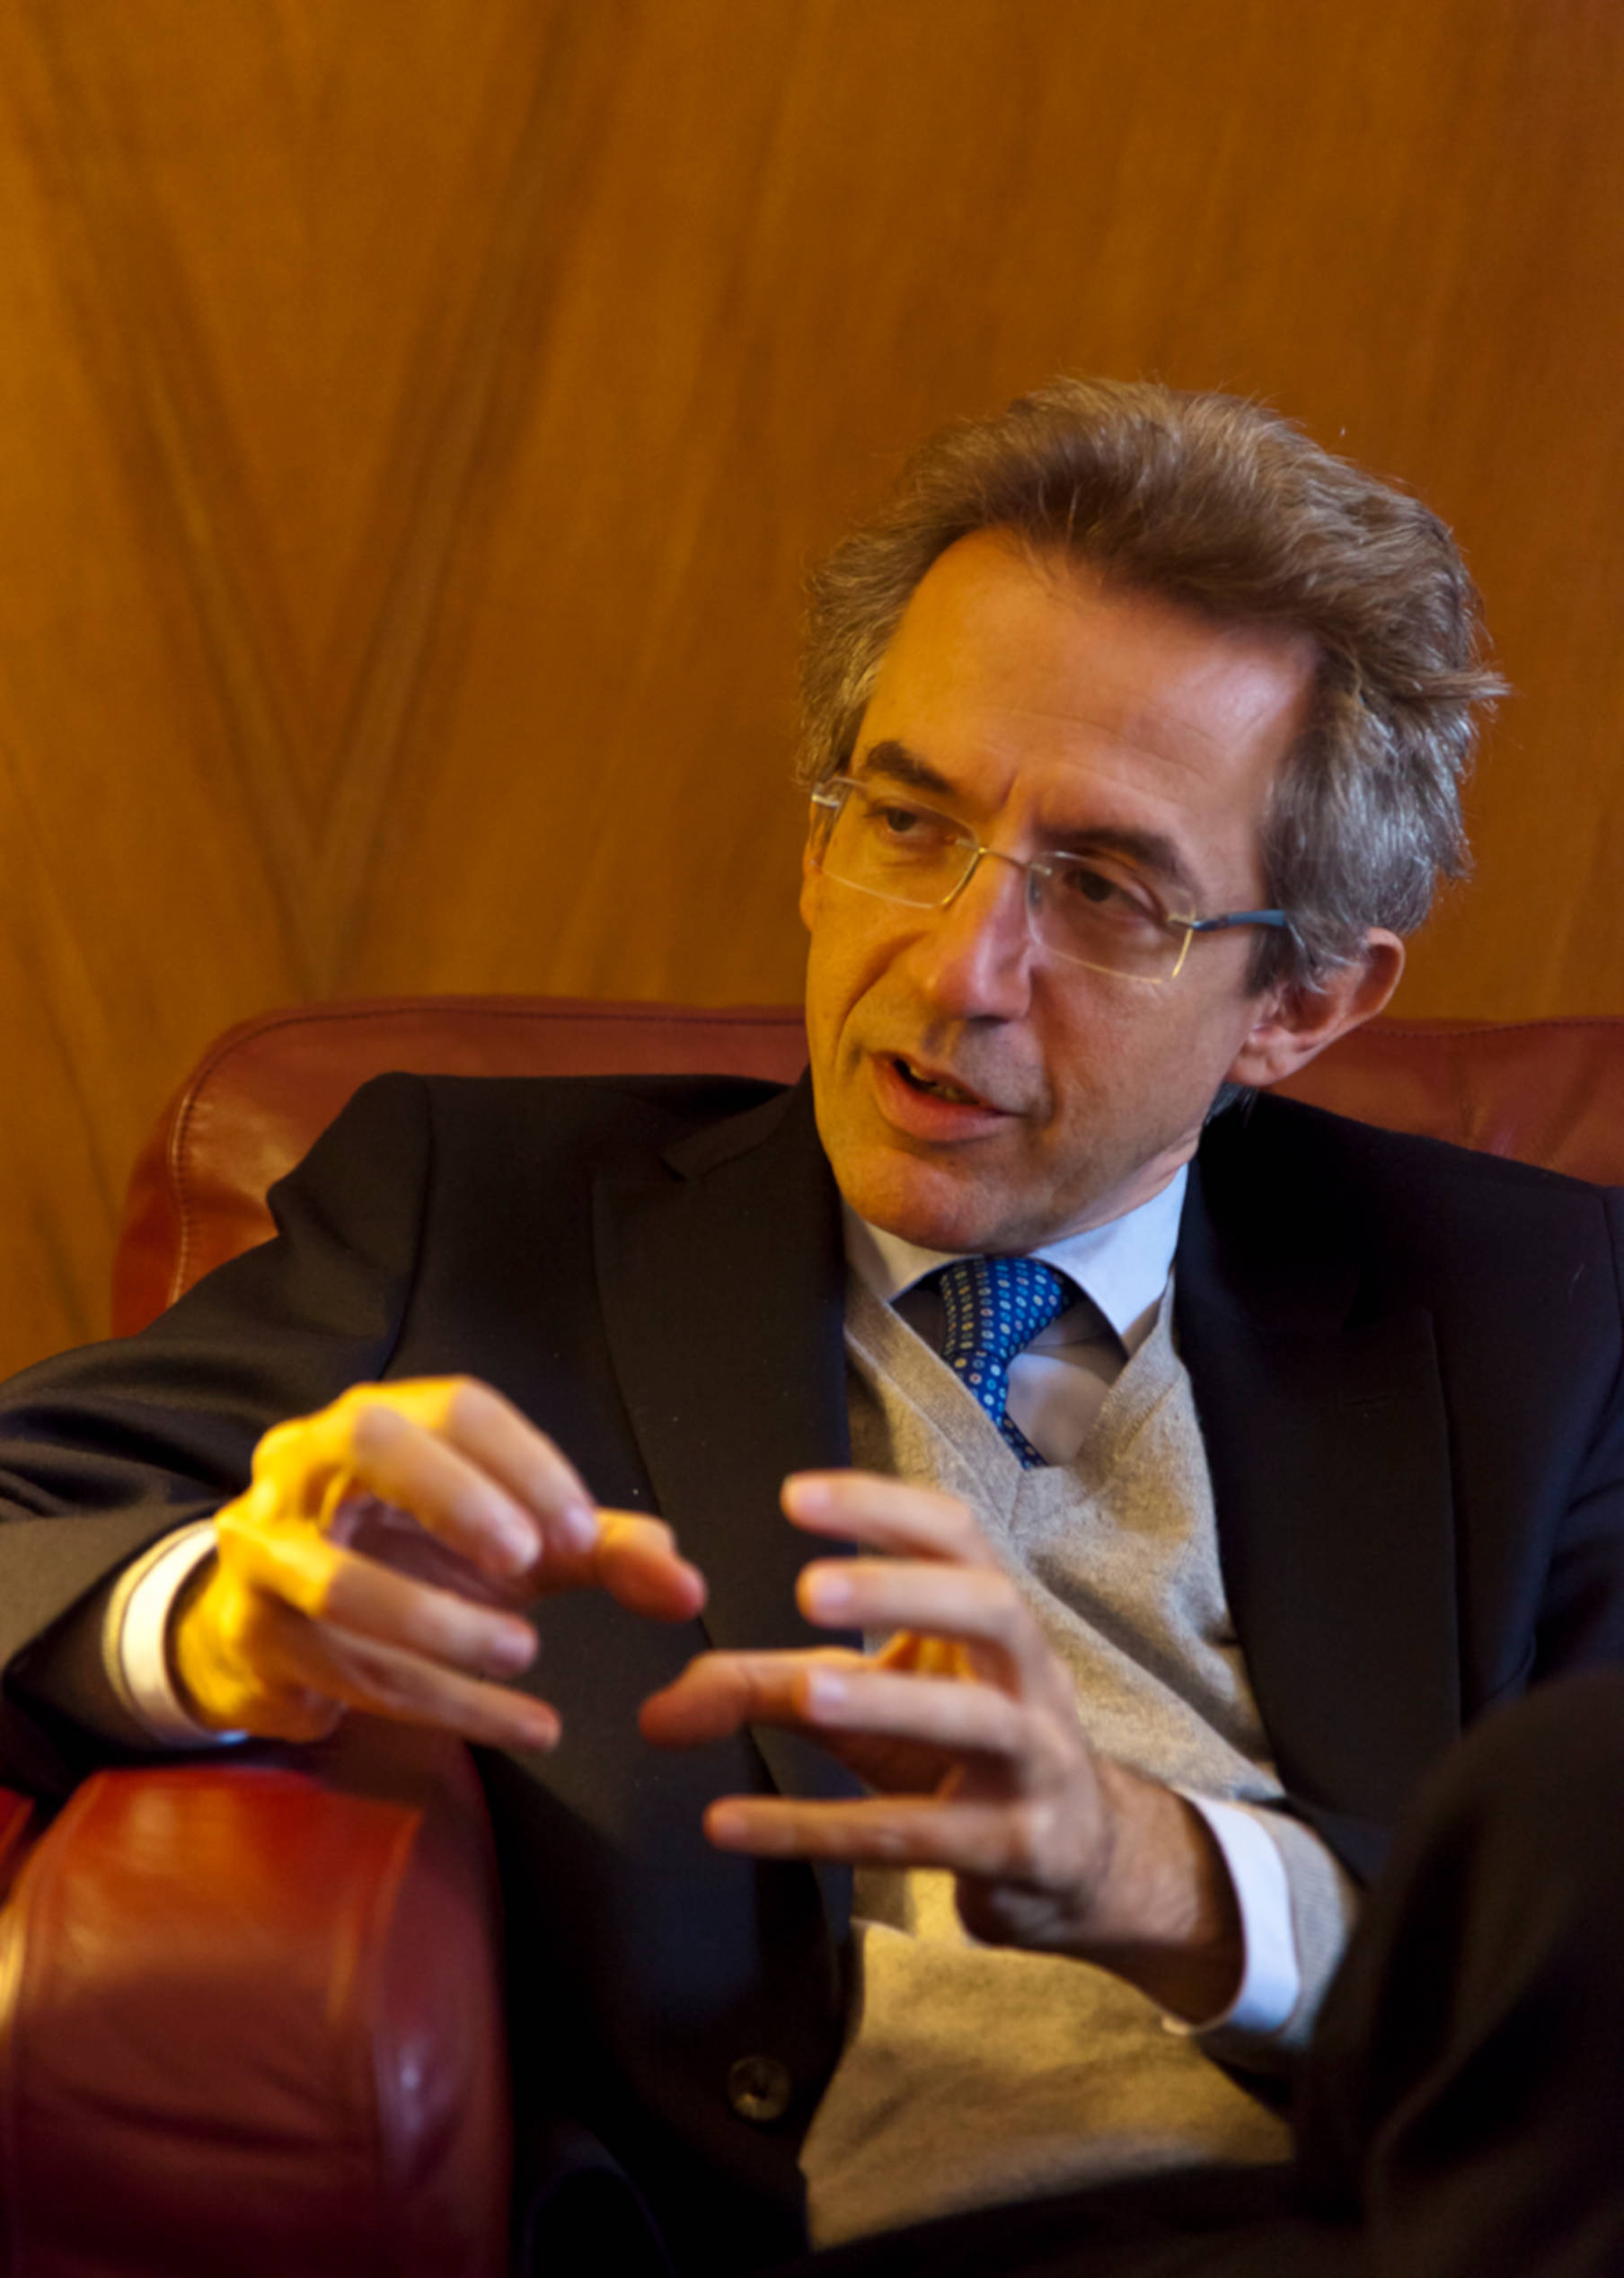 Gaetano Manfredi e Nicola Di Battista